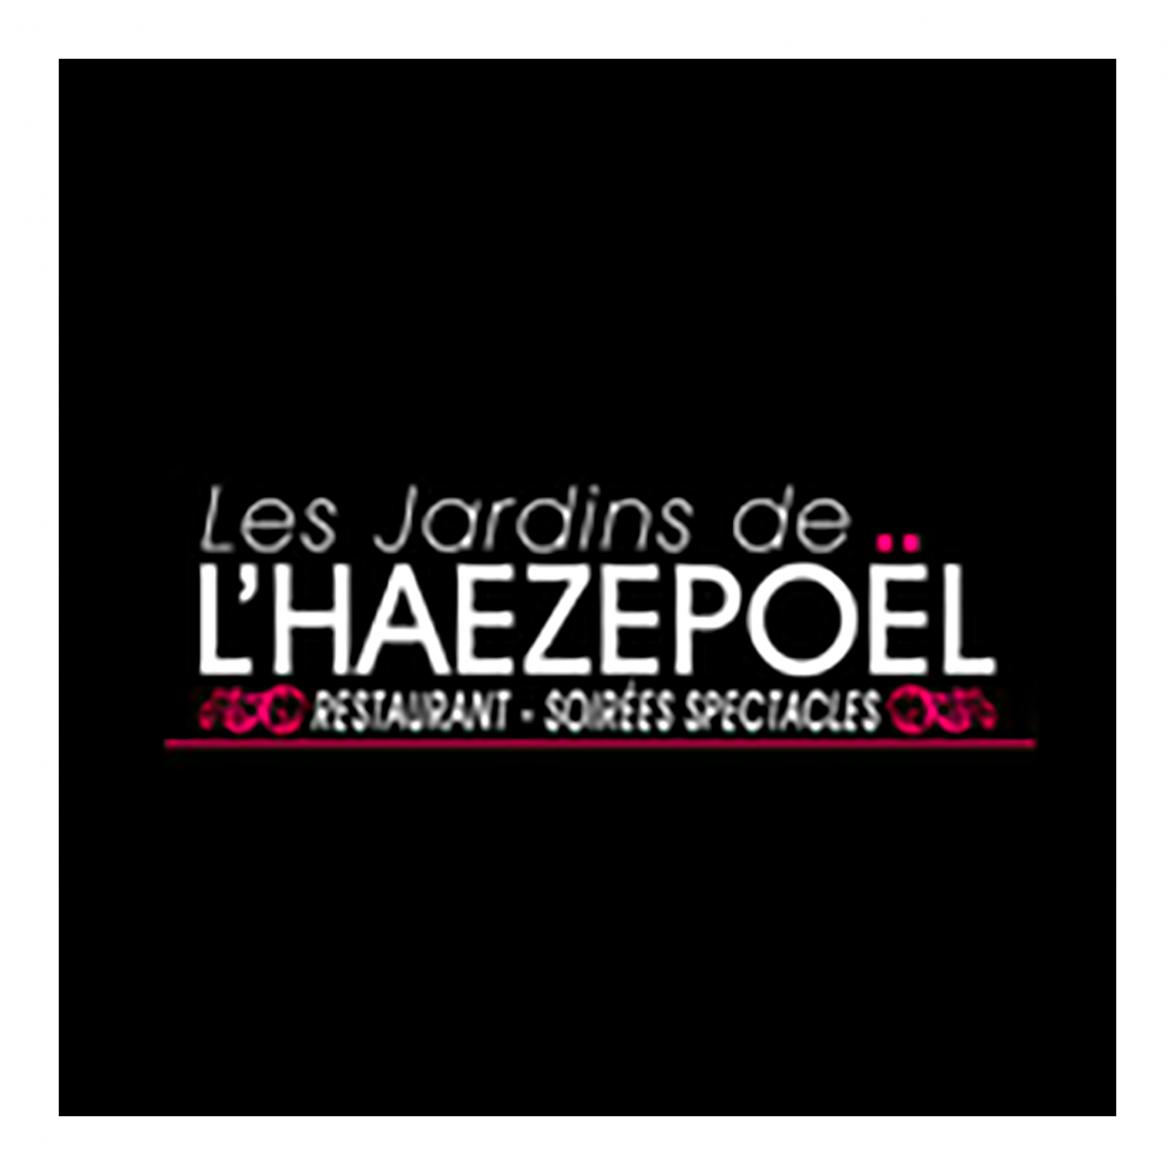 Angèle Von kiss - Mes clients - Les Jardins de L'HAEZEPOËL